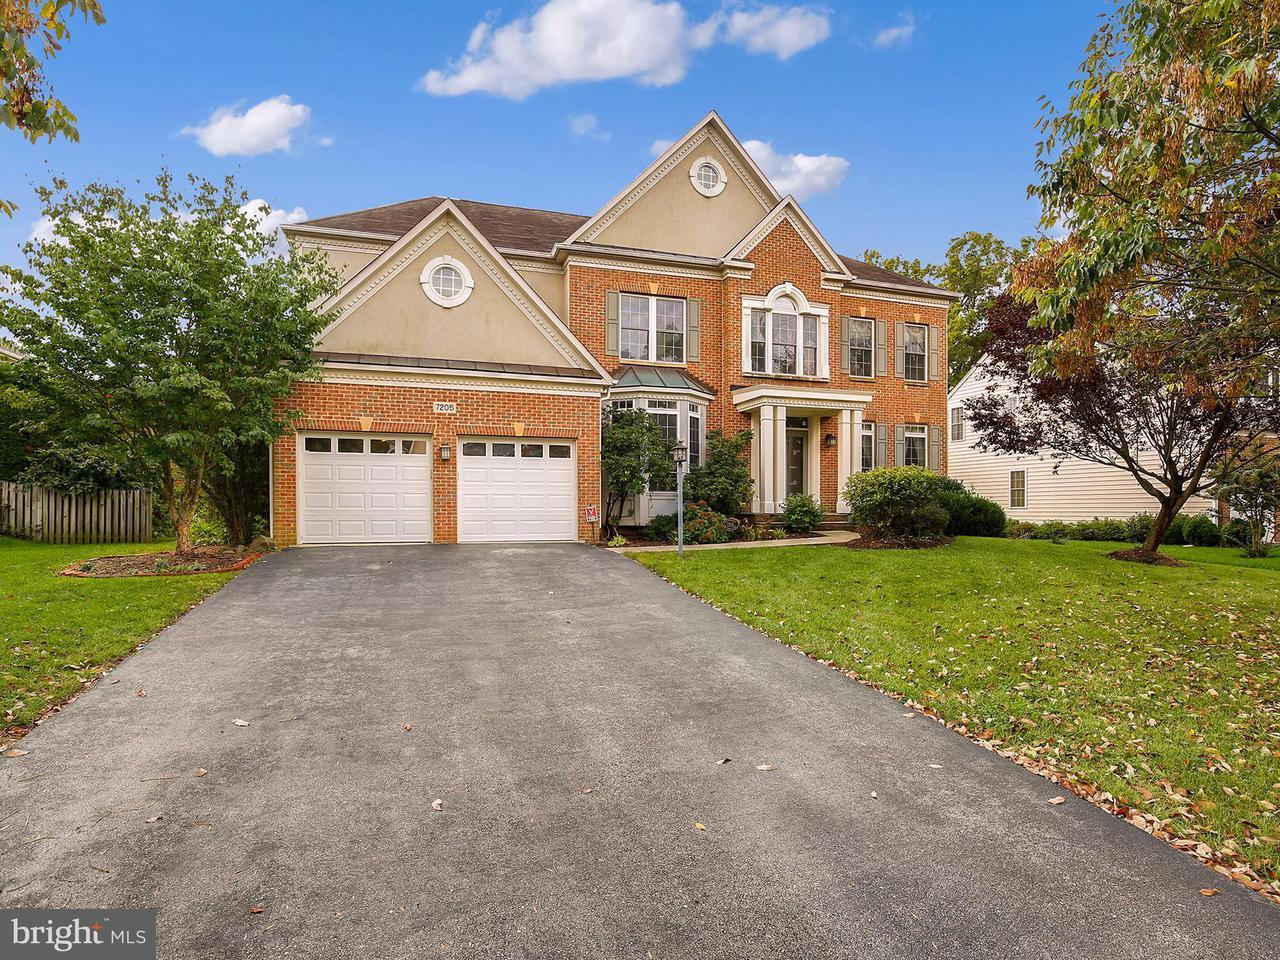 Casa Unifamiliar por un Venta en 7205 HATTERBY Court 7205 HATTERBY Court Elkridge, Maryland 21075 Estados Unidos